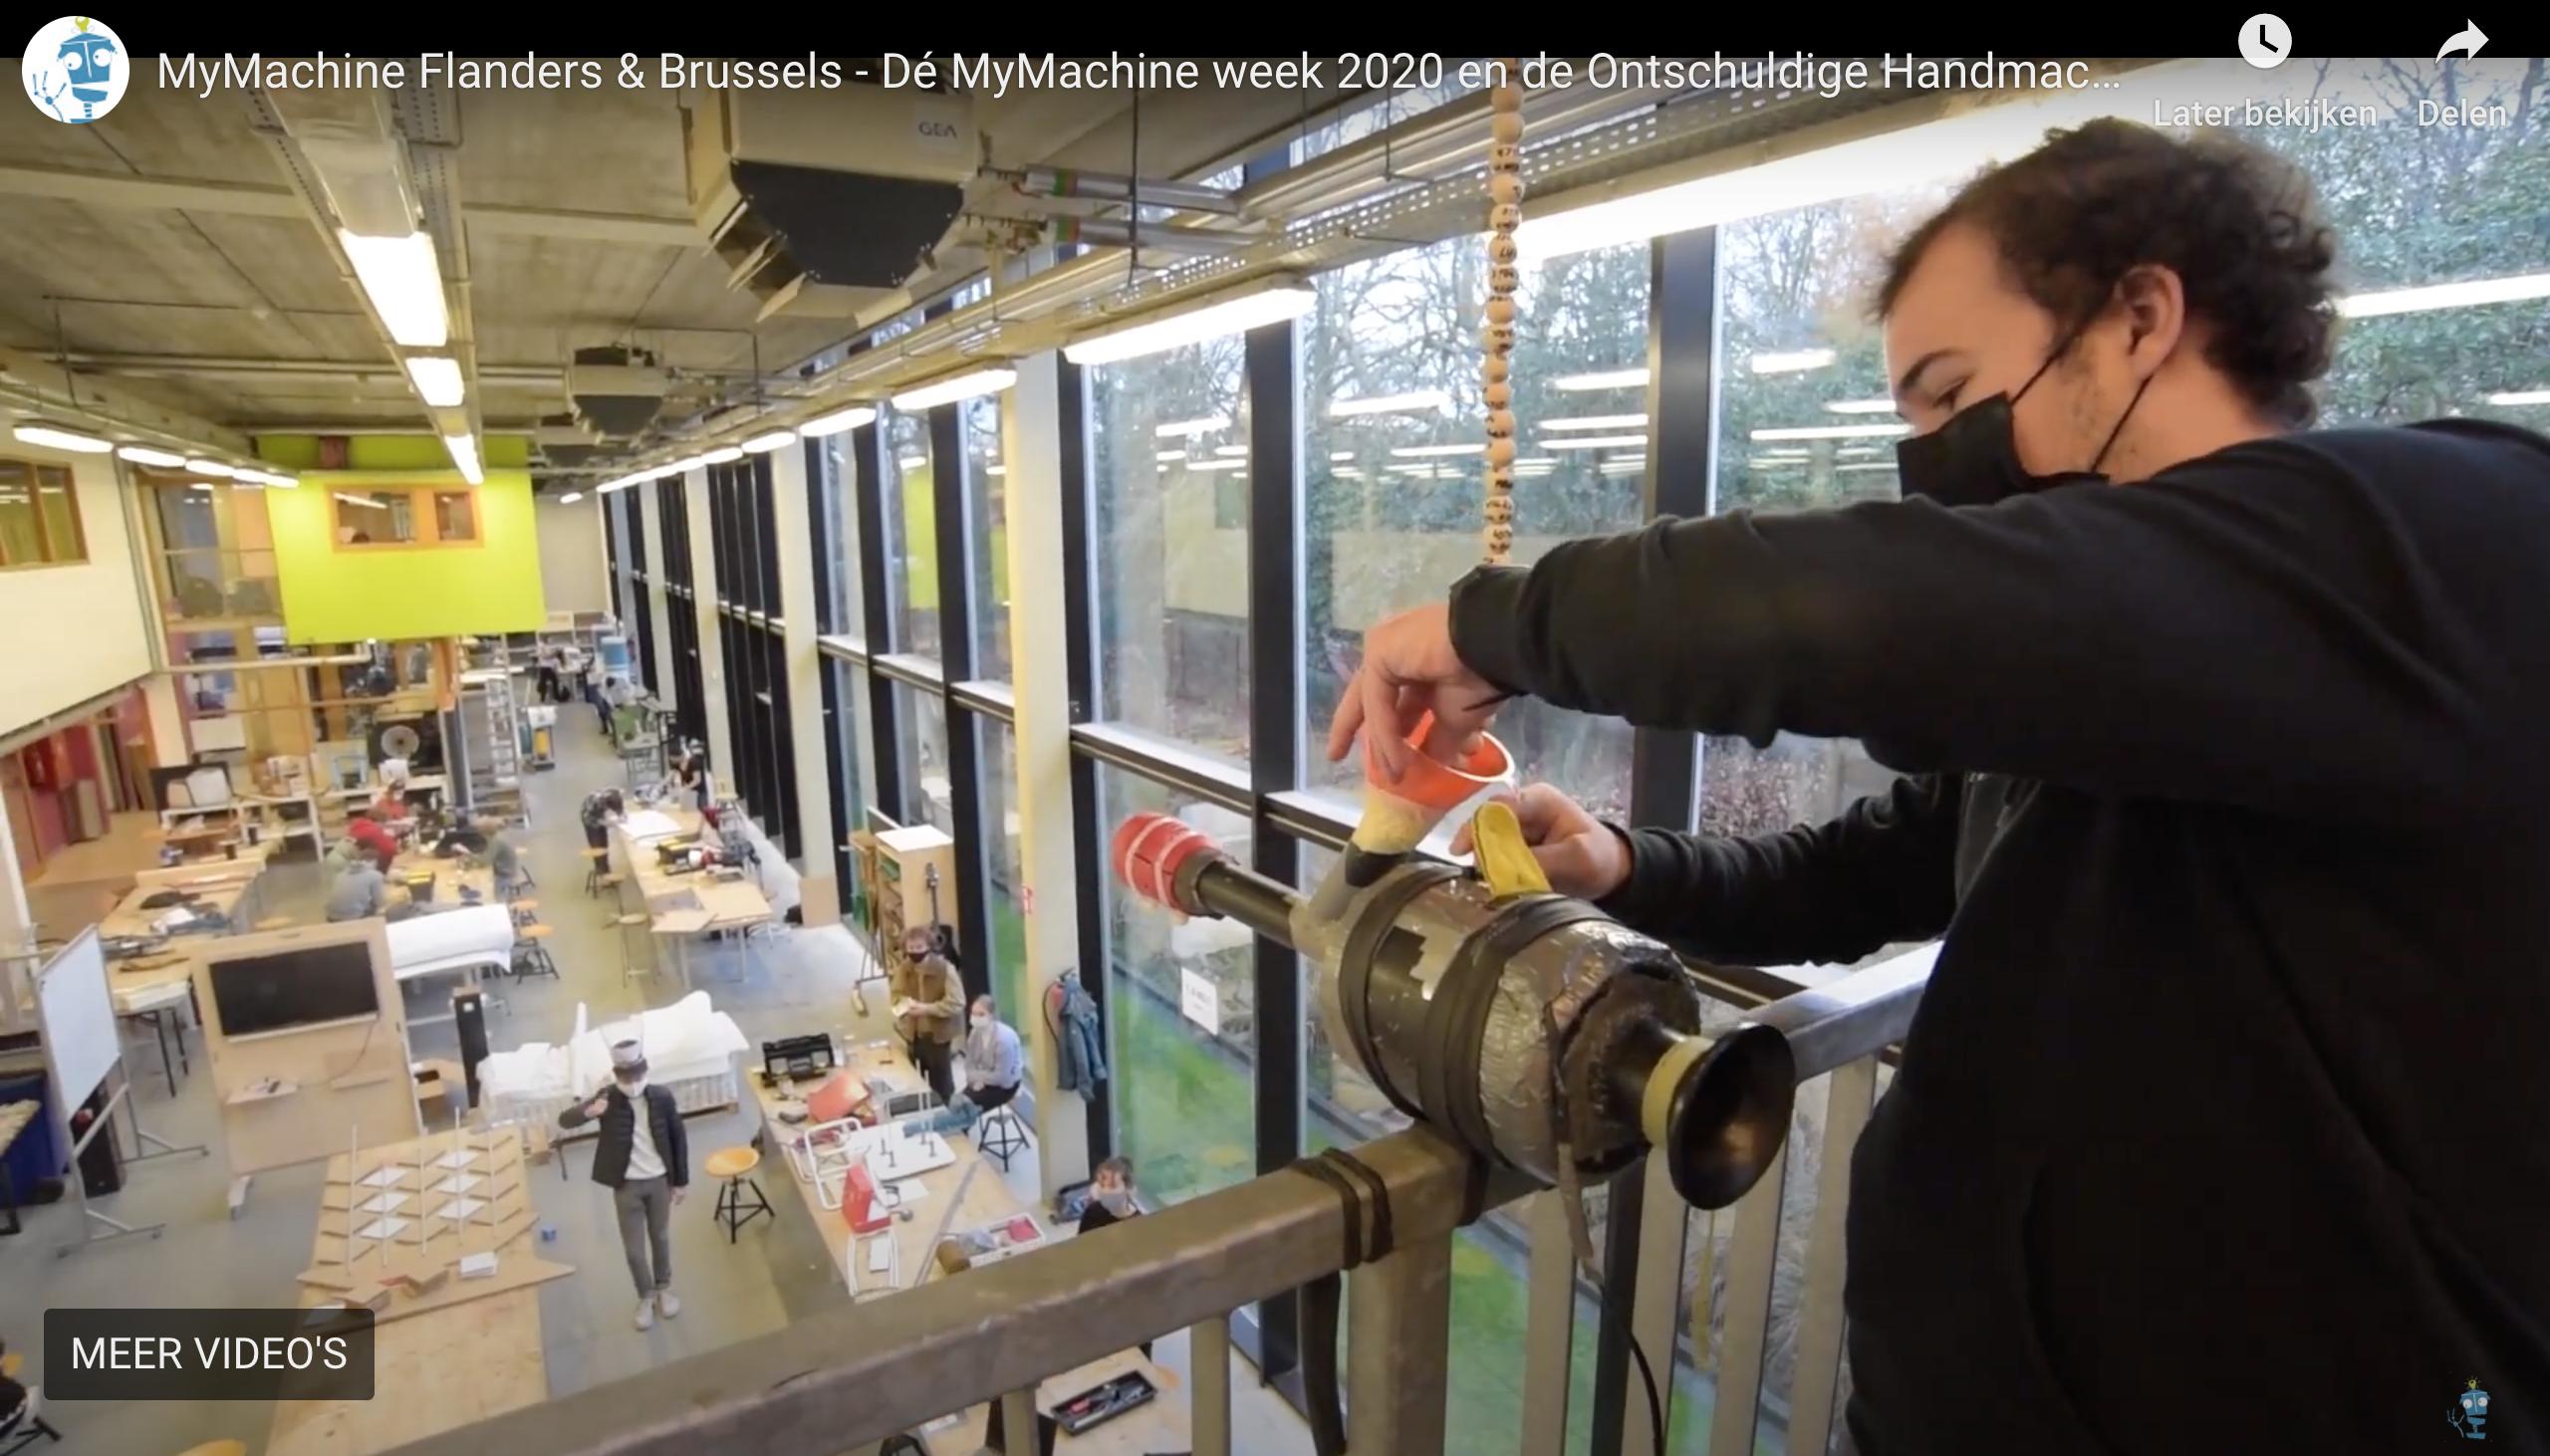 De Ontschuldige Handmachine bezorgt 4 klassen 'gouden toegangsticket' tot de MyMachine fabriek